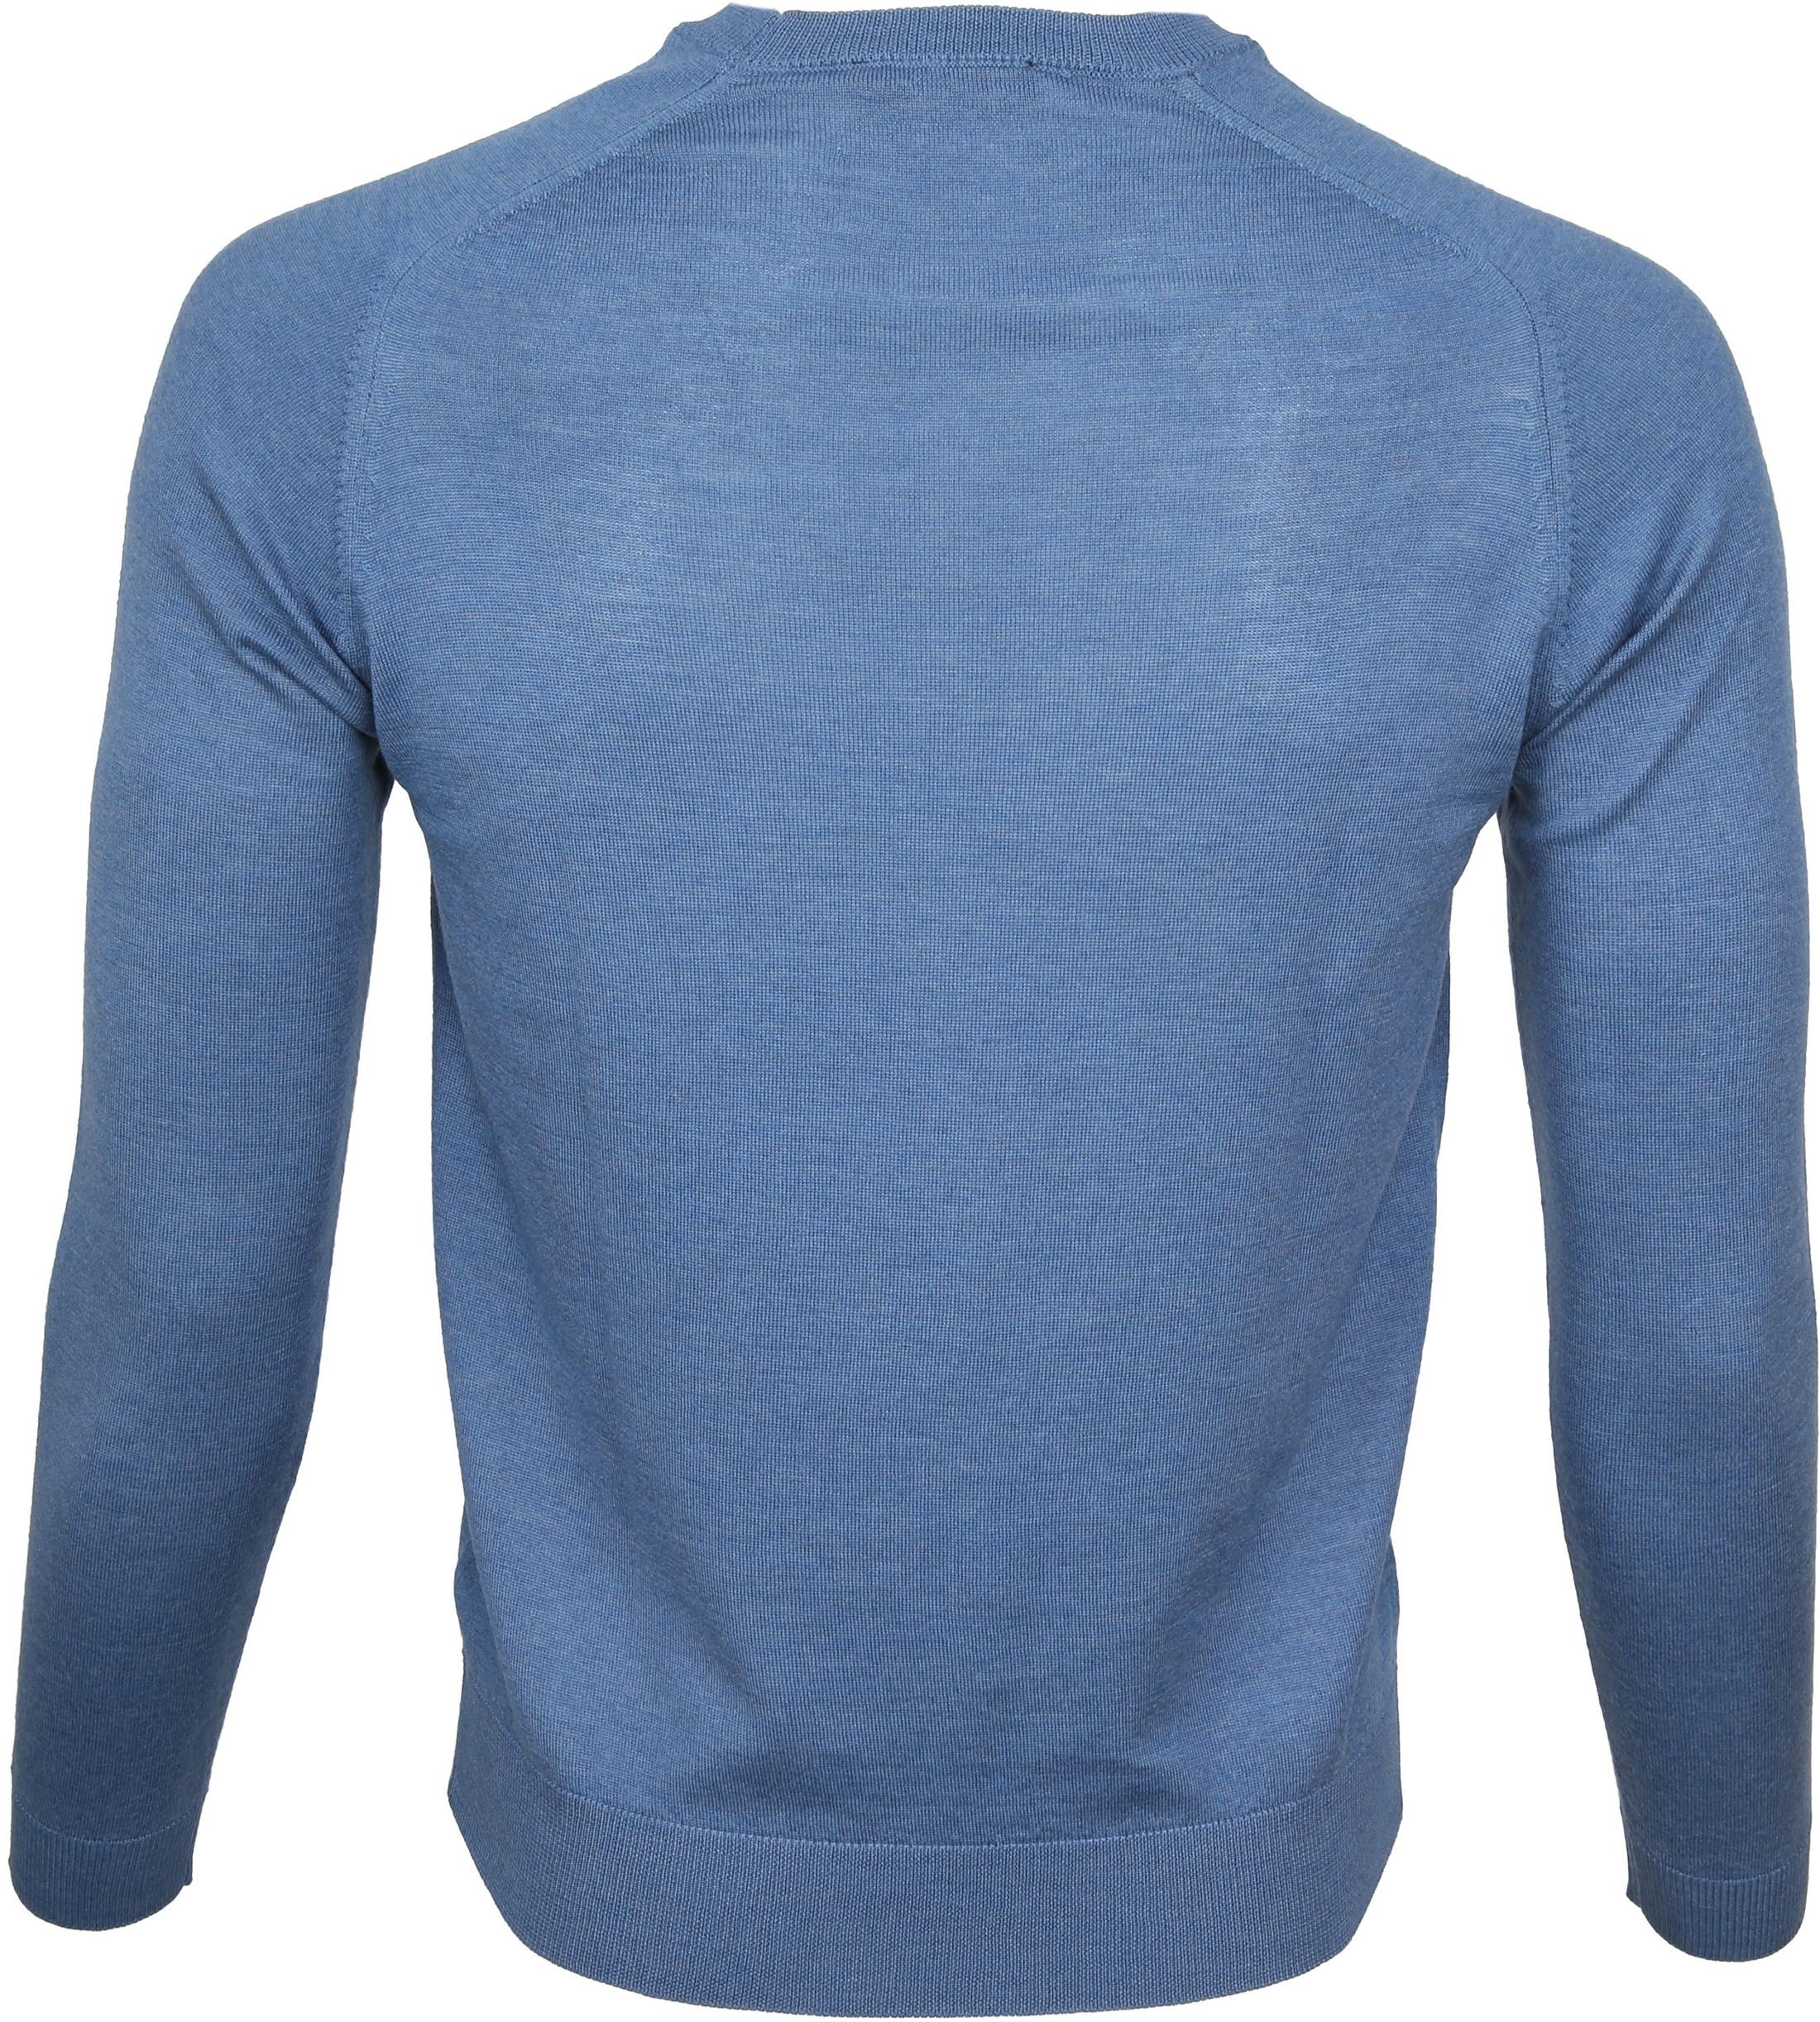 Suitable Pullover Merino Blauw foto 2